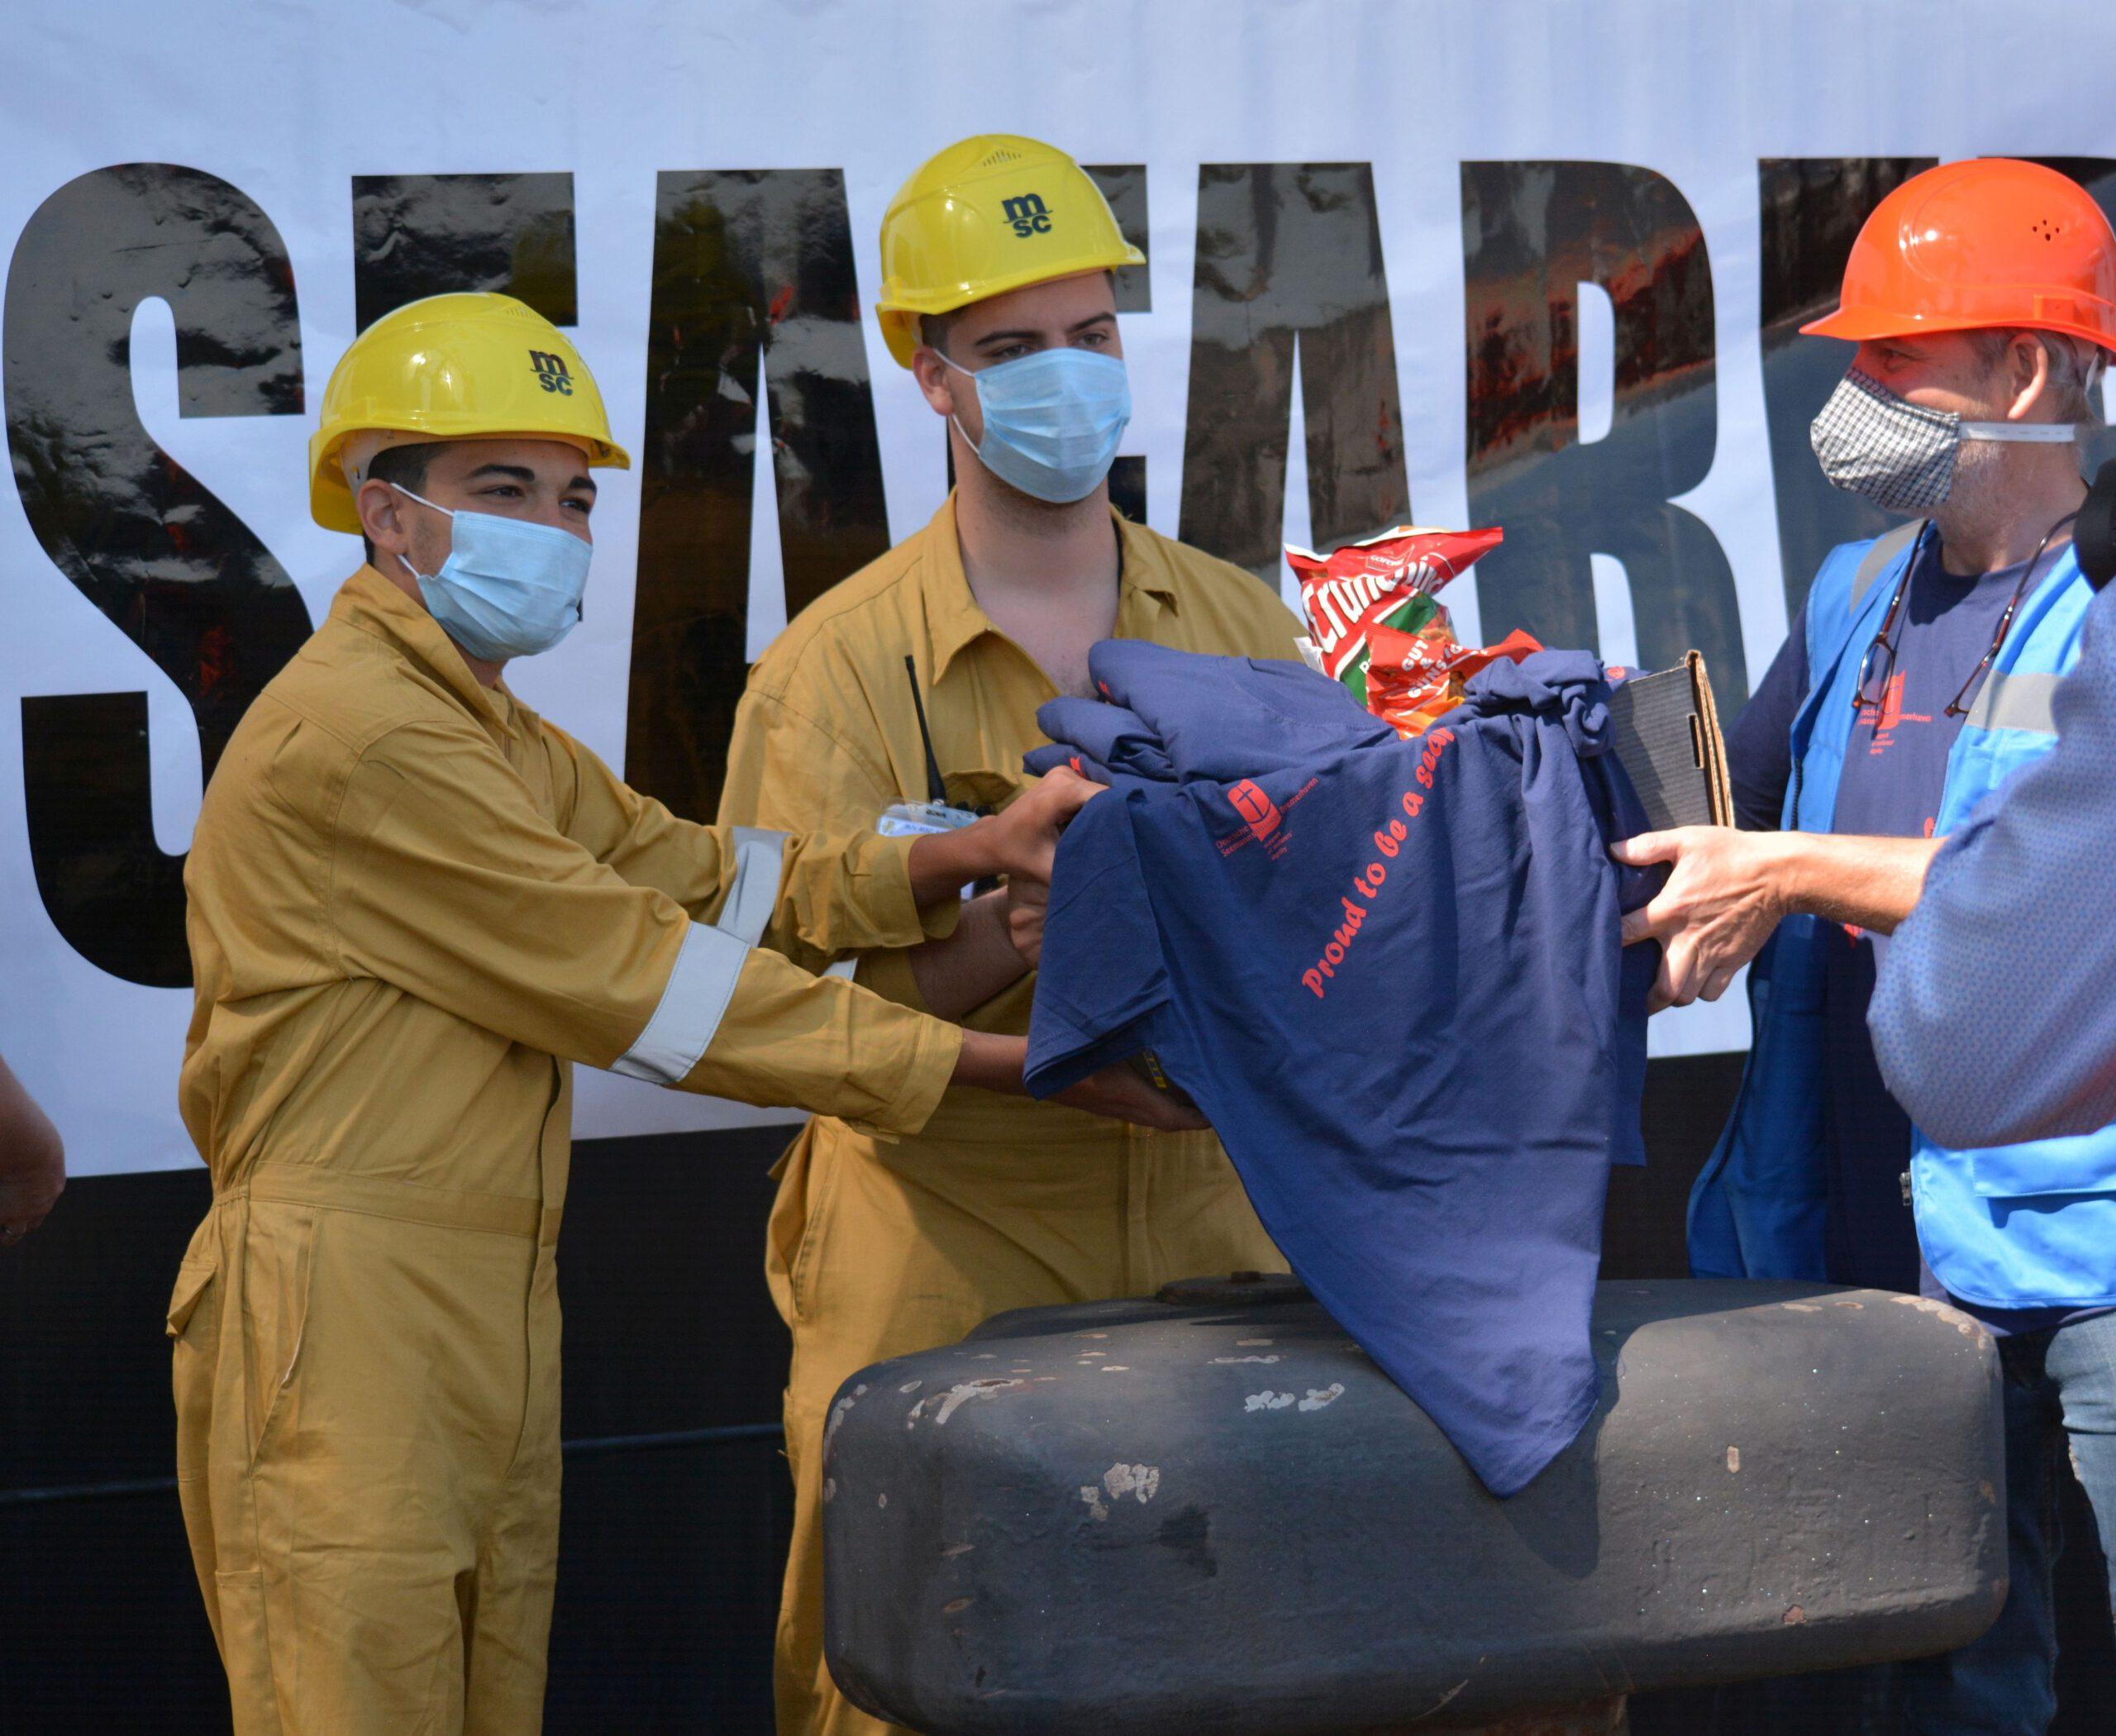 Seaworkers are Keyworkers